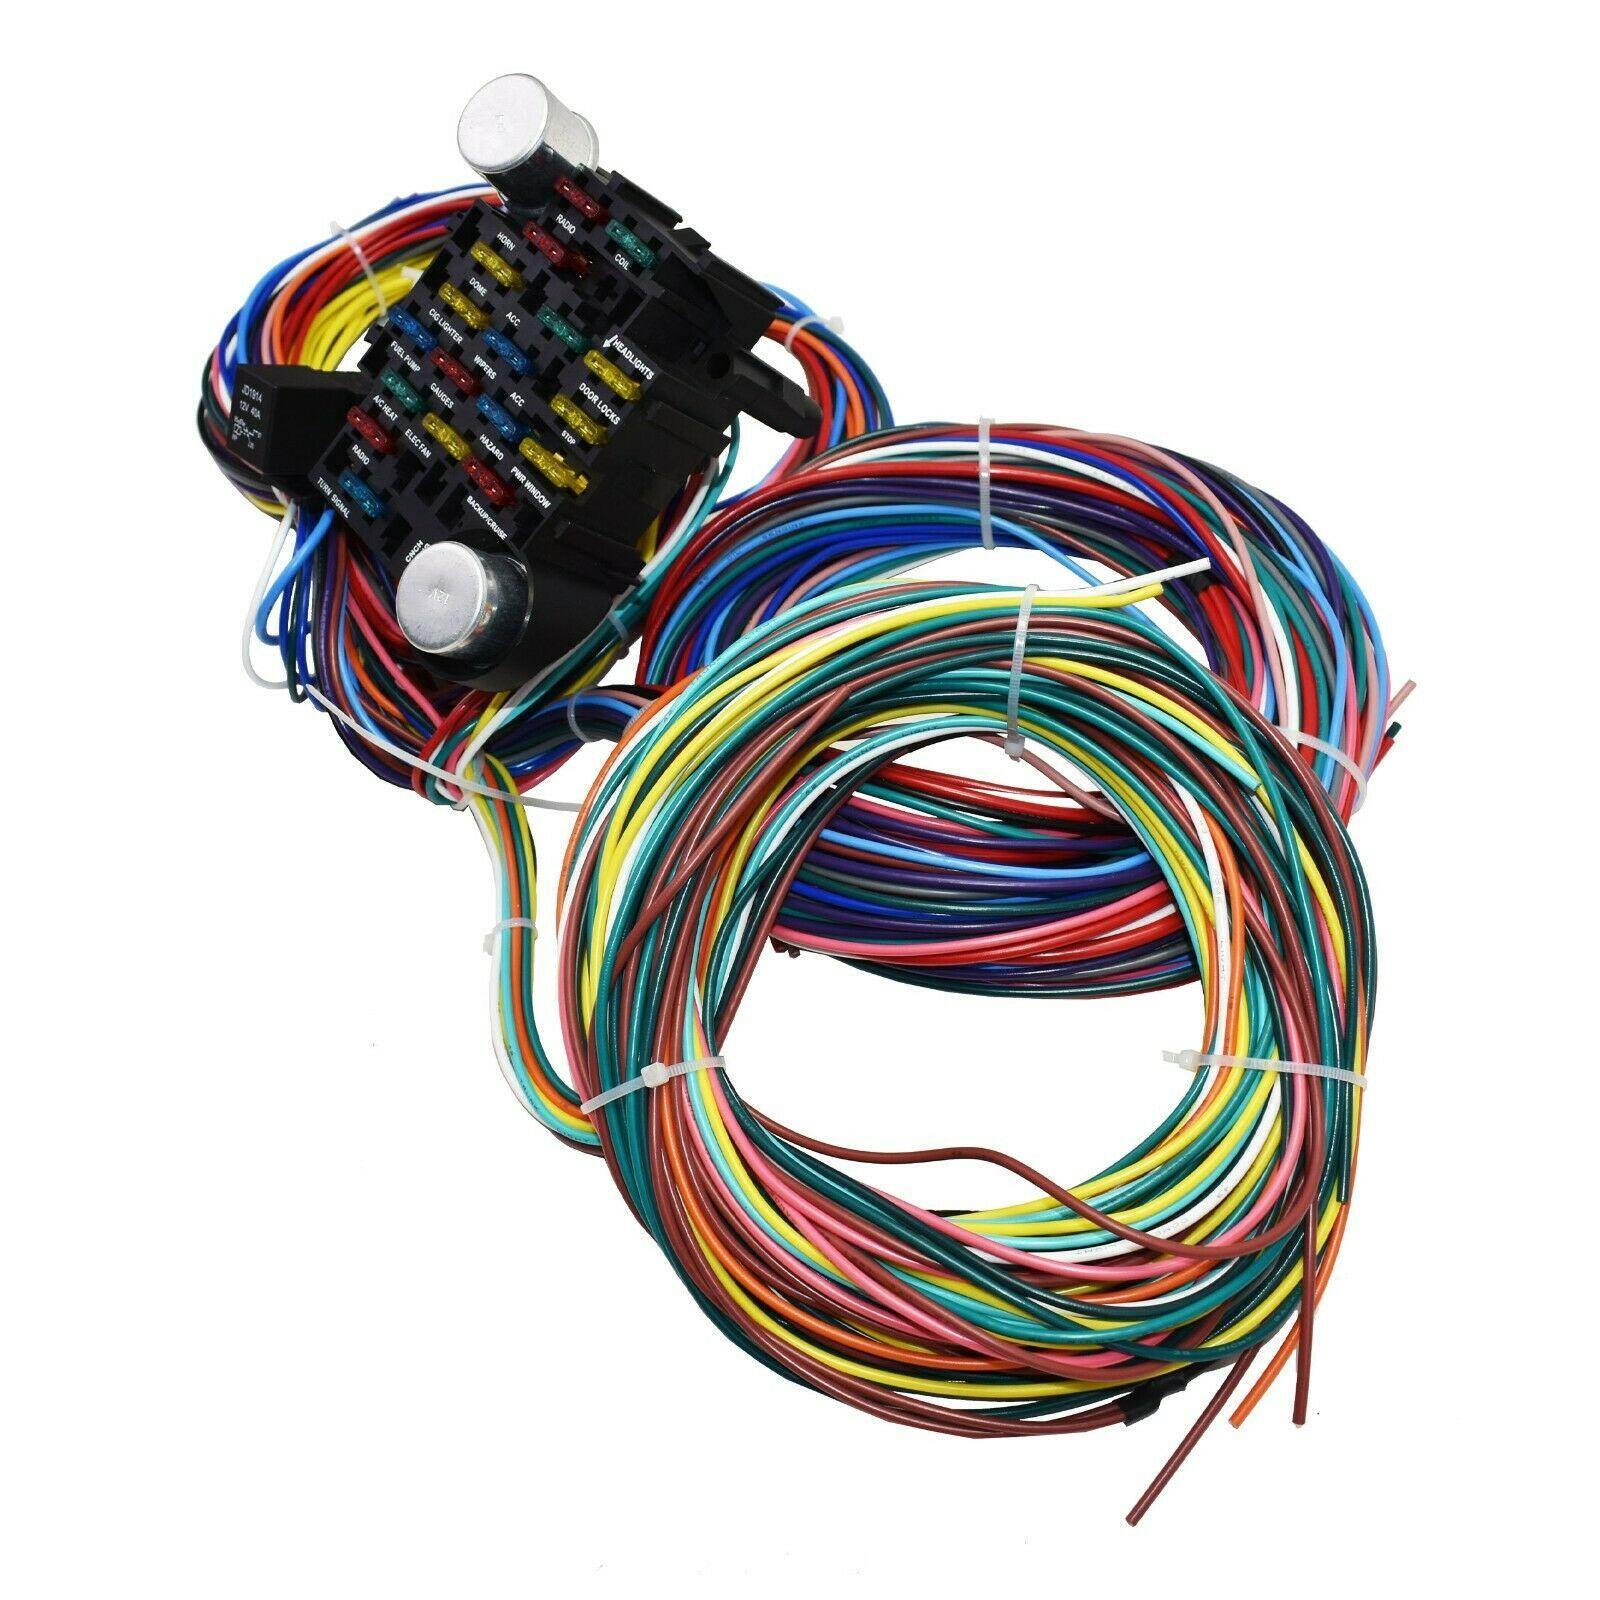 Shop Ford Truck Wiring Harness 53 56 Street Rod Pickup Universal Wire Kit F100 F1 Truegether In 2021 Rod Machine Shop Rat Rod